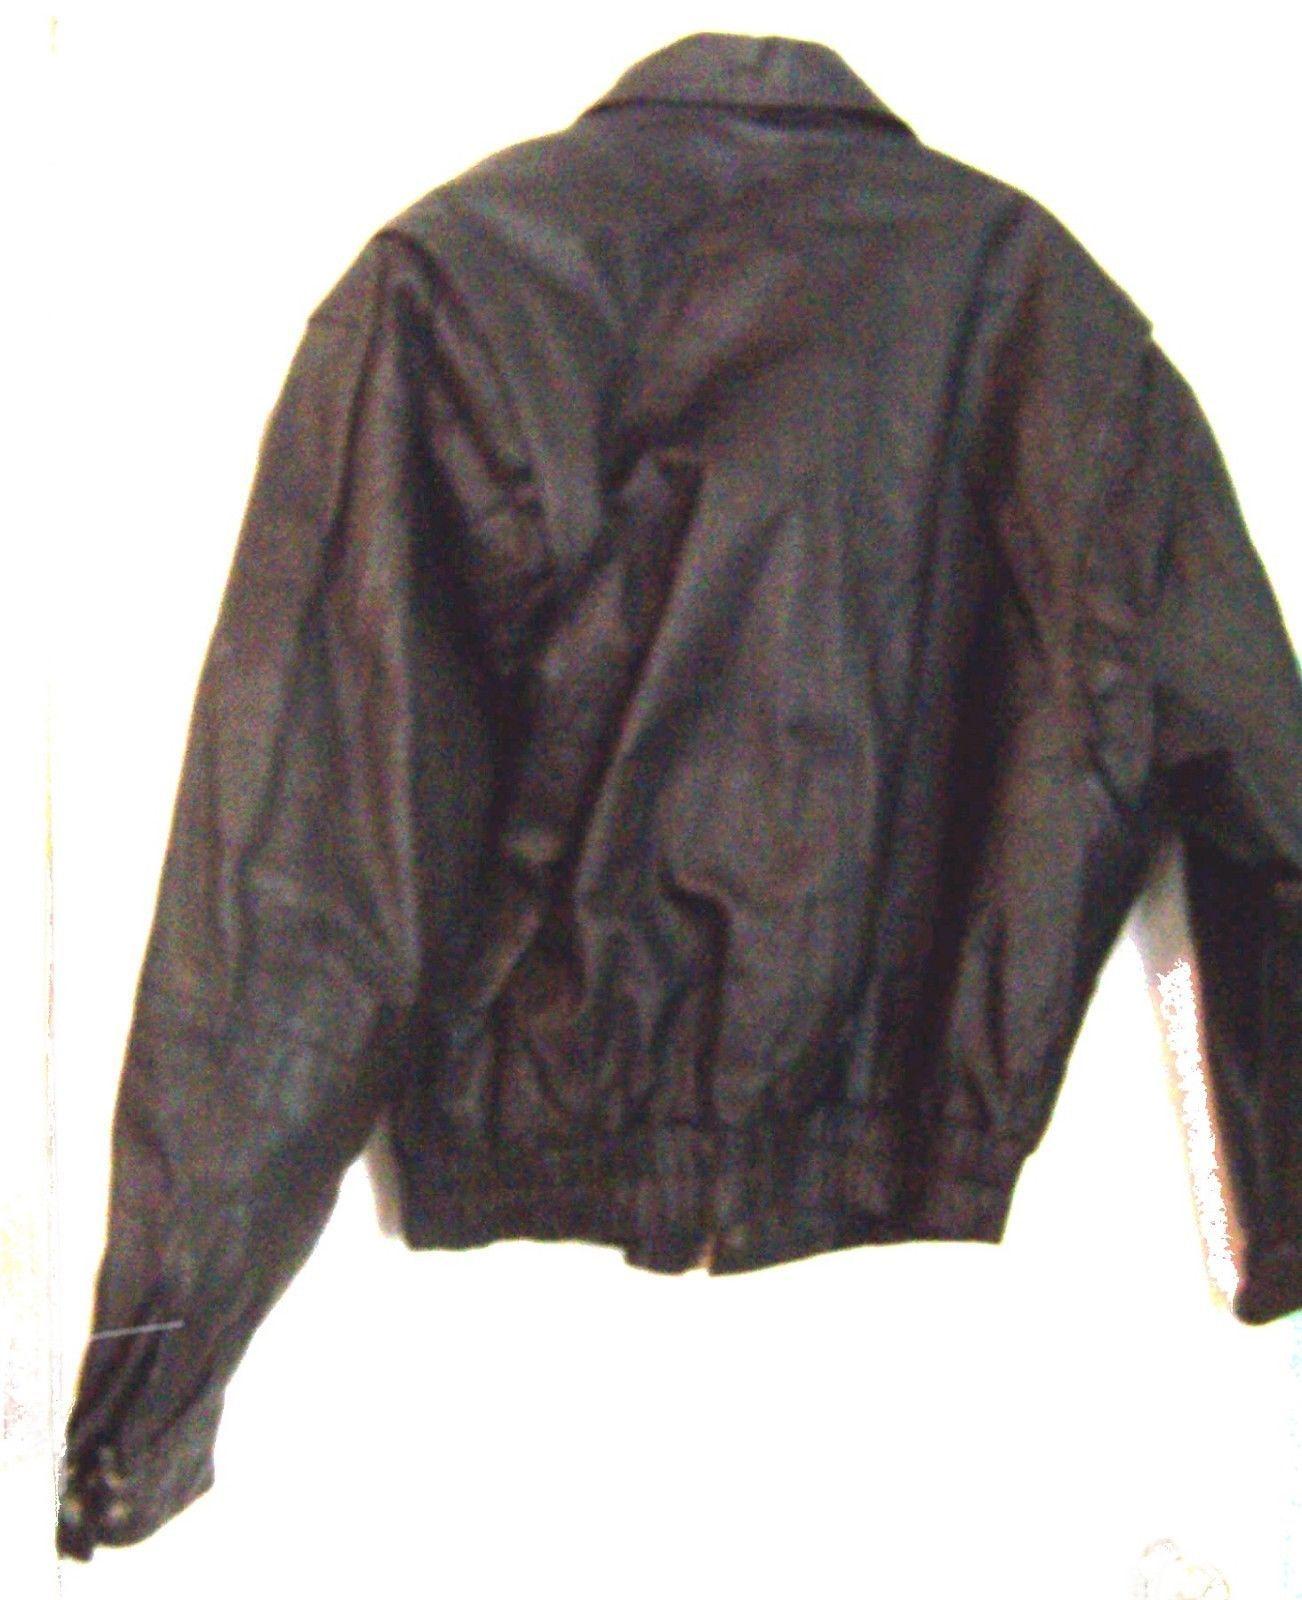 Global Identity Mans Black Leather Zip Up Bomber Jacket Size Medium  image 3